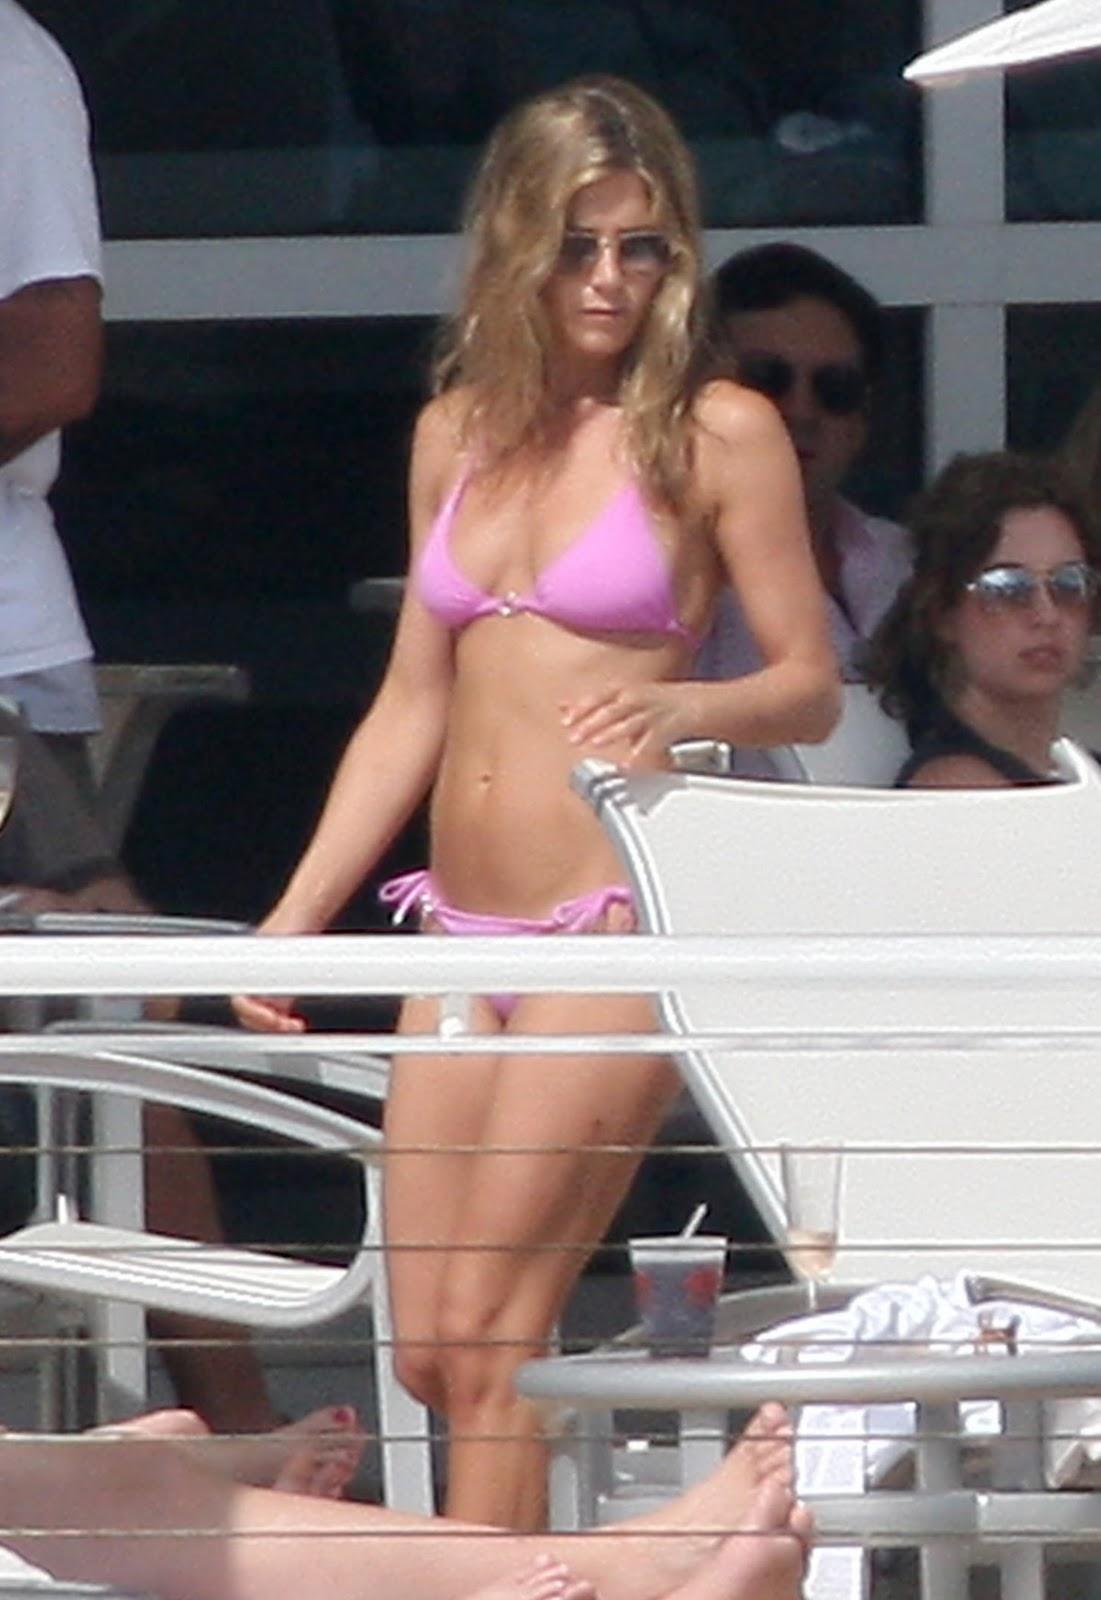 http://1.bp.blogspot.com/_WDCWEjl45FQ/TSTCmA9hcOI/AAAAAAAAB1w/Wfphhk7EFh0/s1600/jennifer-aniston-bikini-john-mayer-2-12.jpg